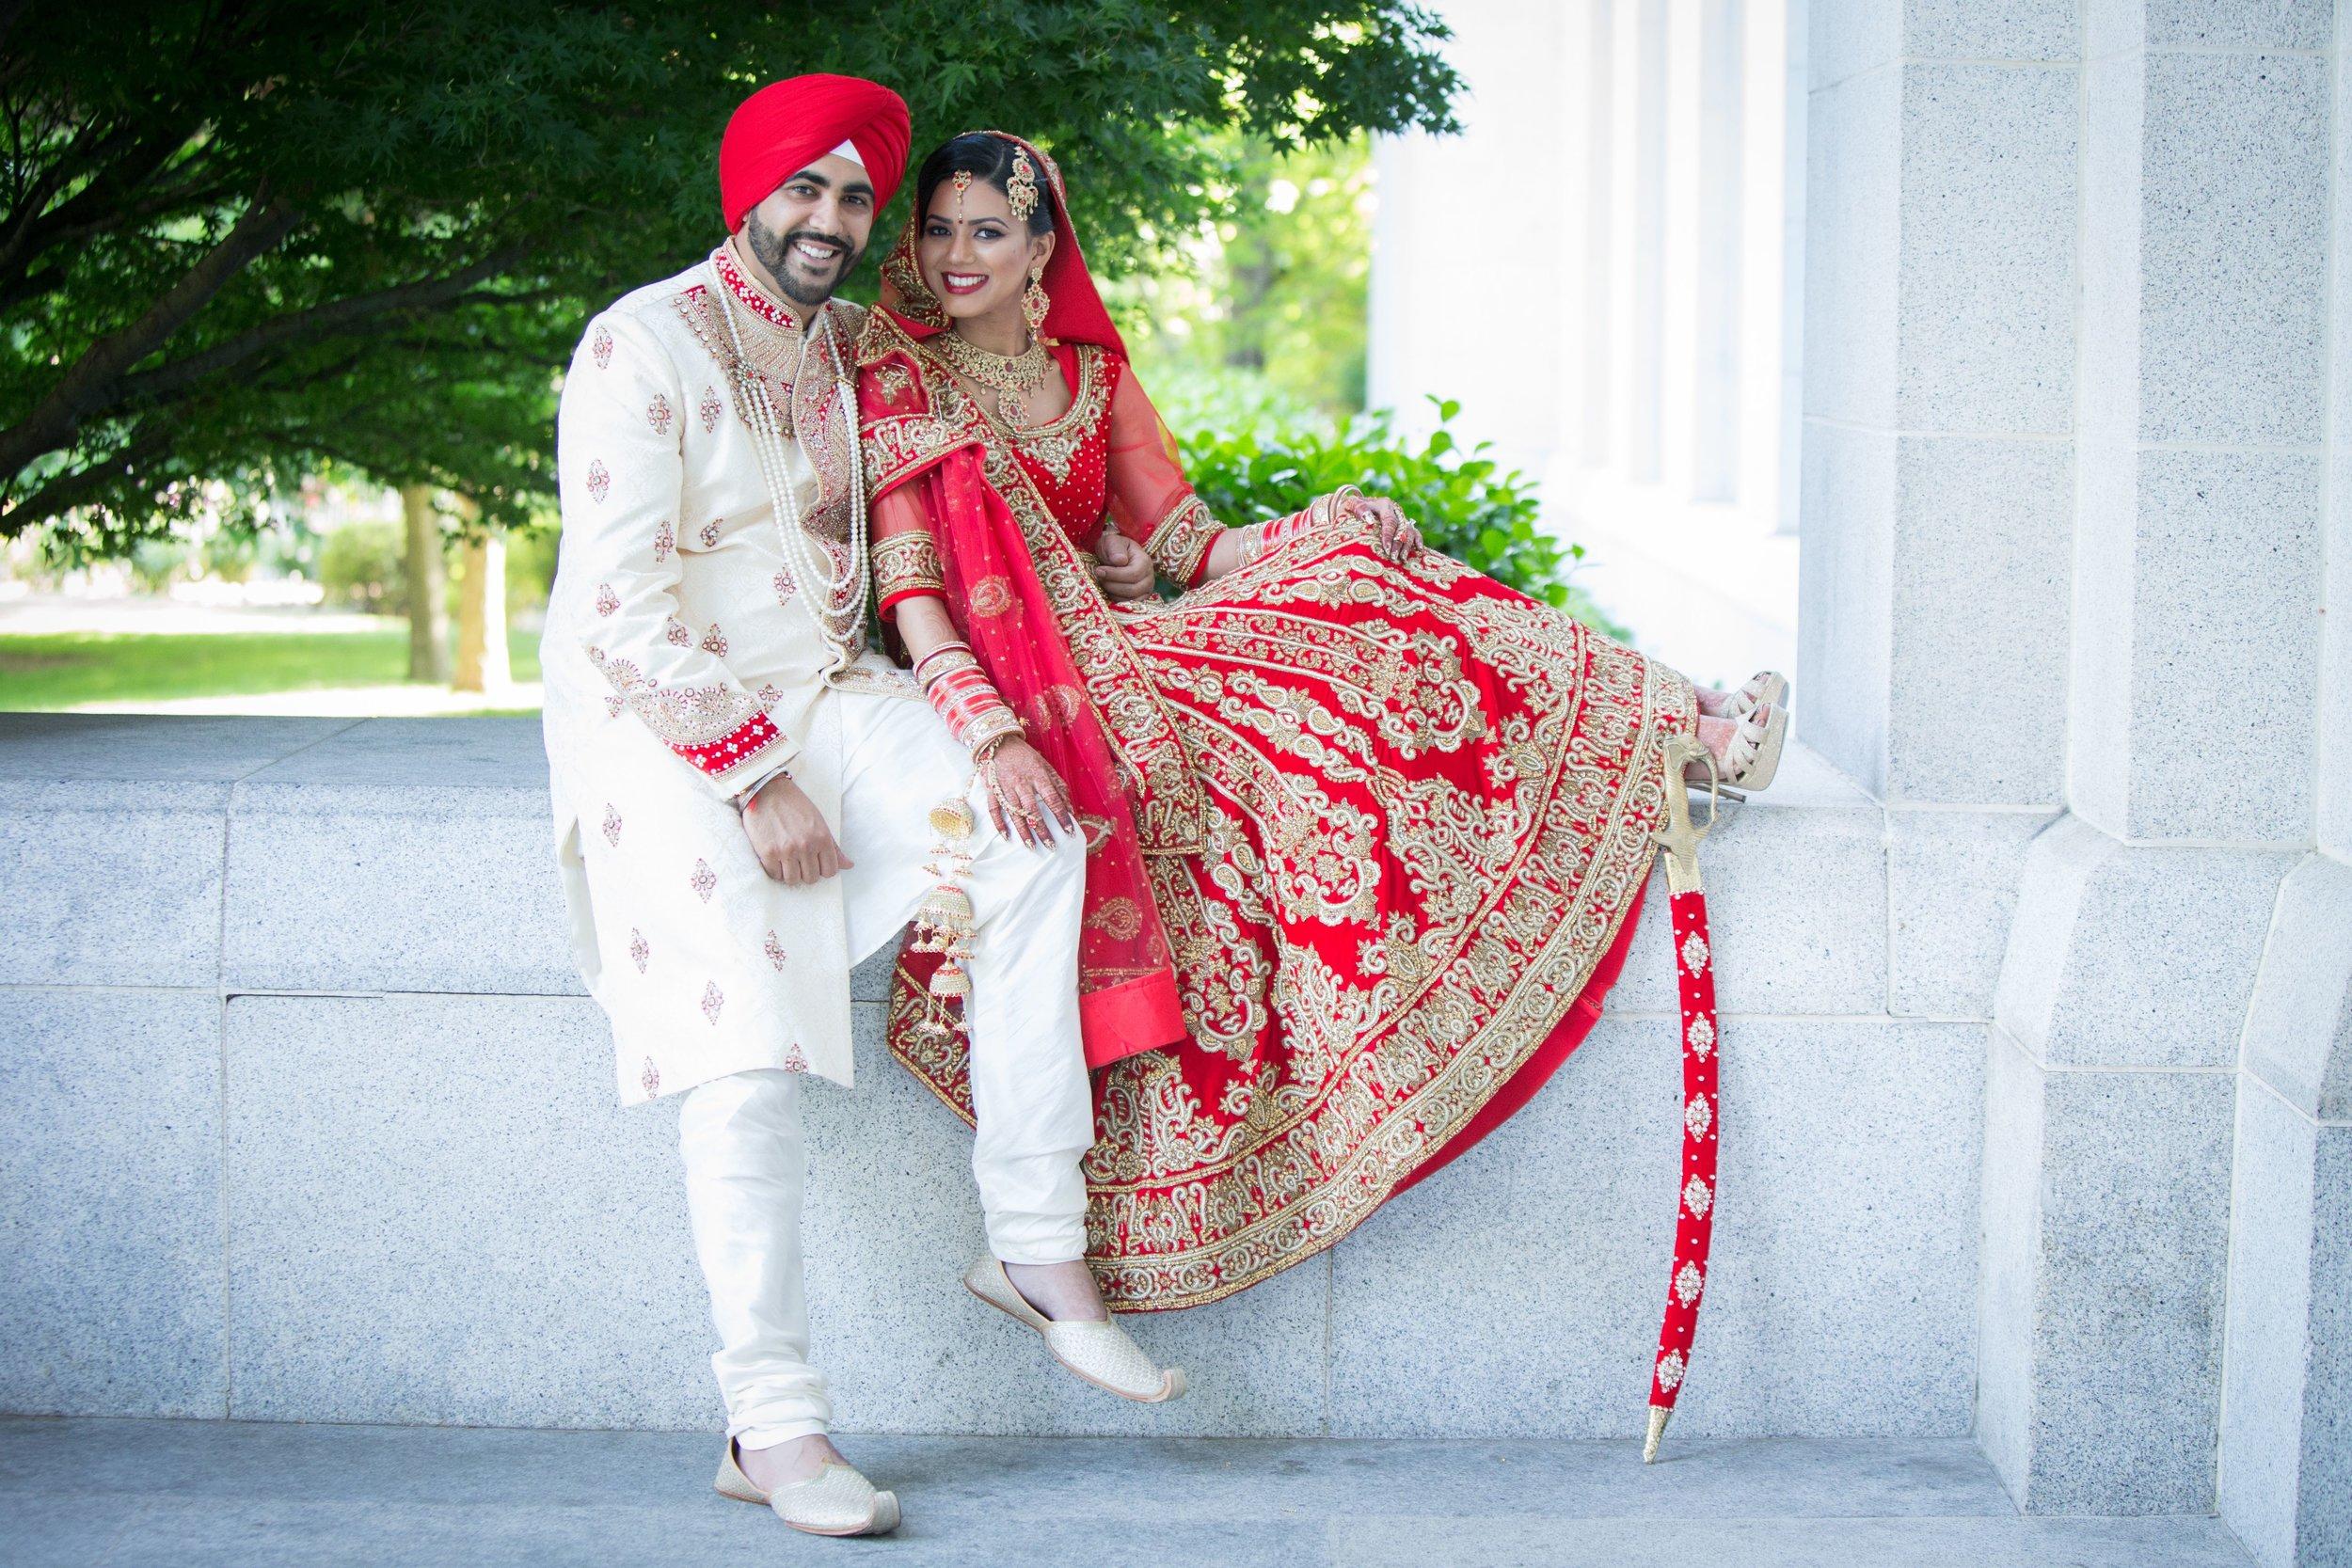 online526 Jatinder & Khushbir Wedding Day -  Wedding52.jpg